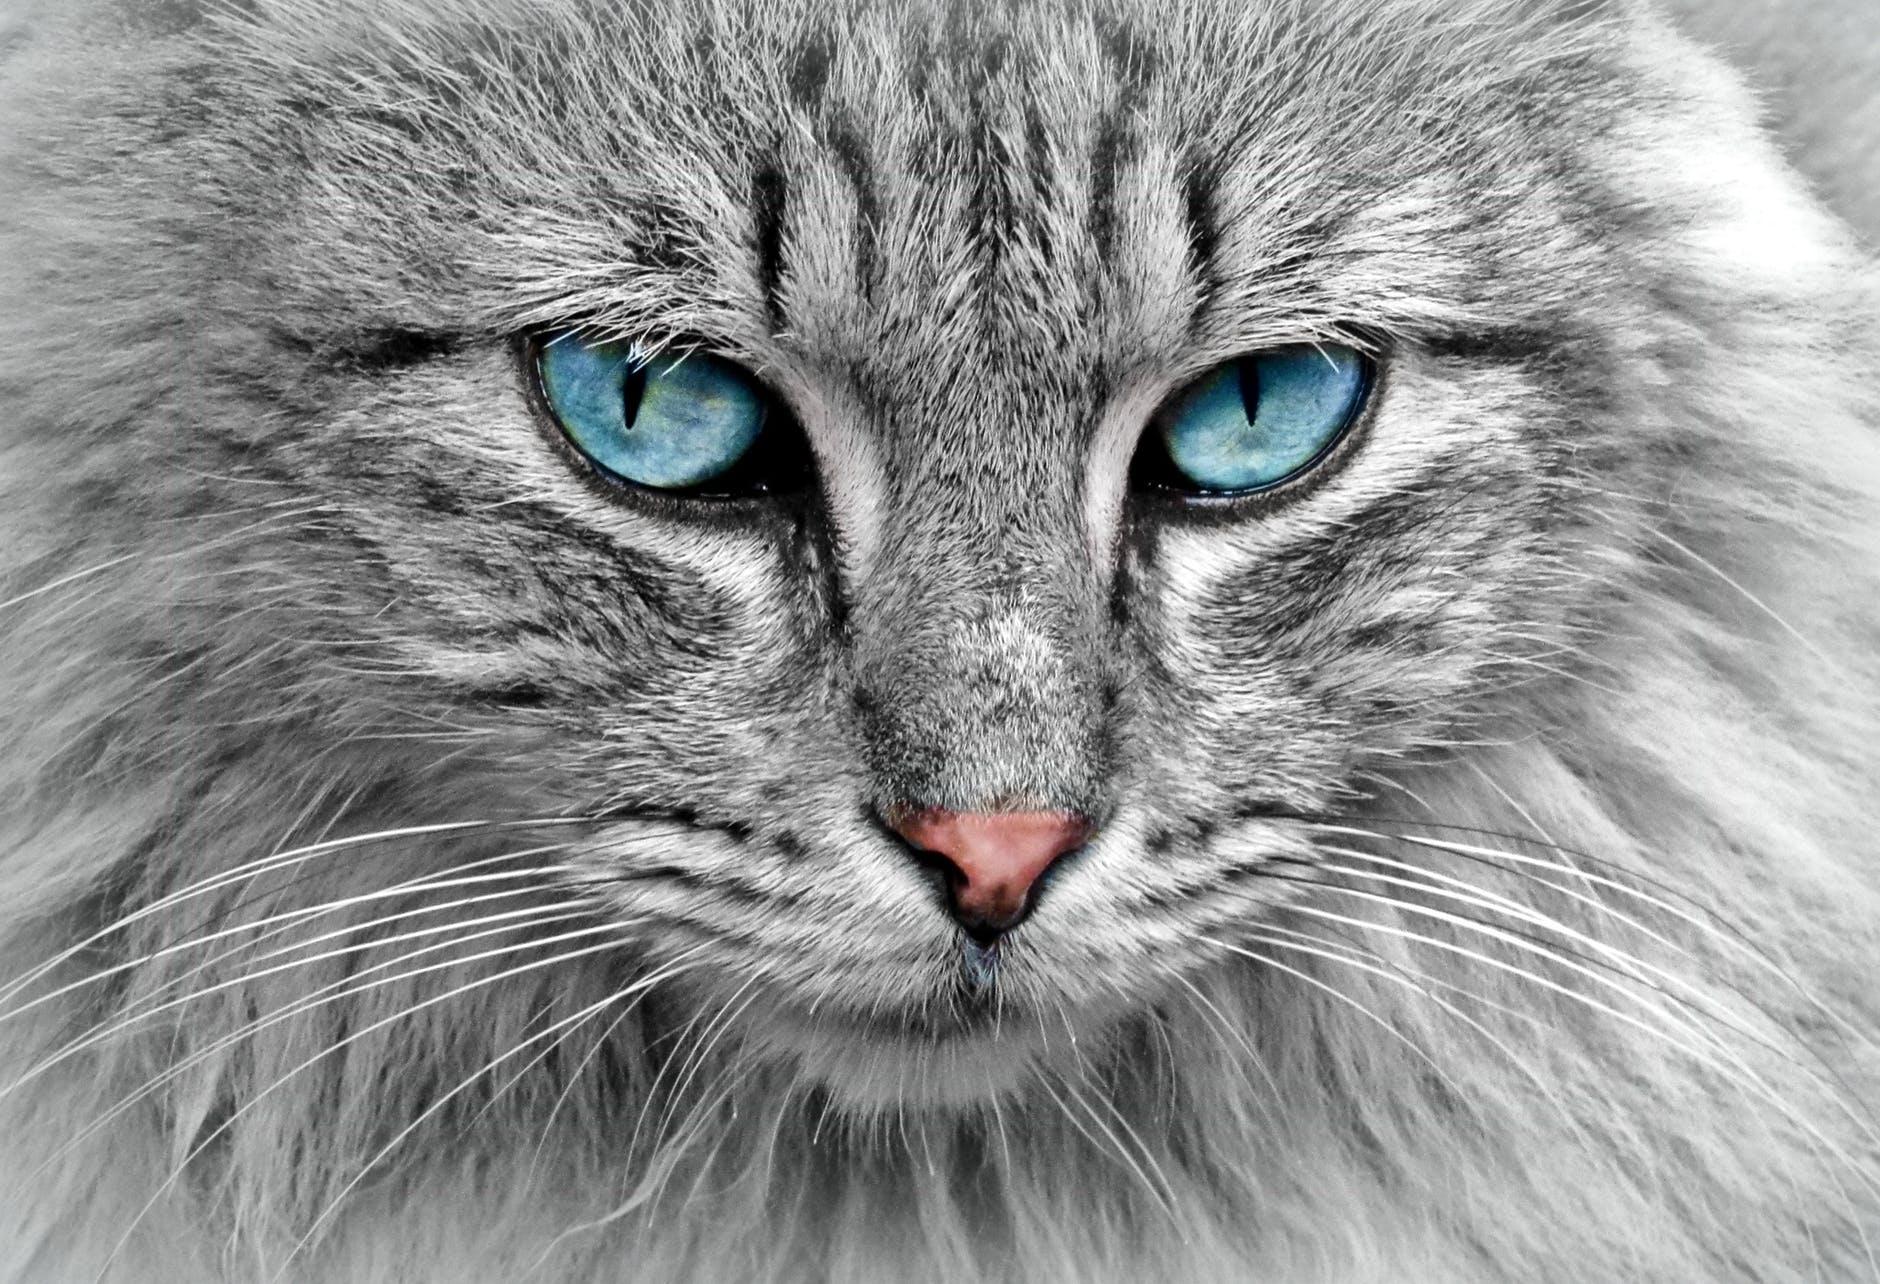 Hình nền đẹp động vật mèo Anh lông dài mắt xanh